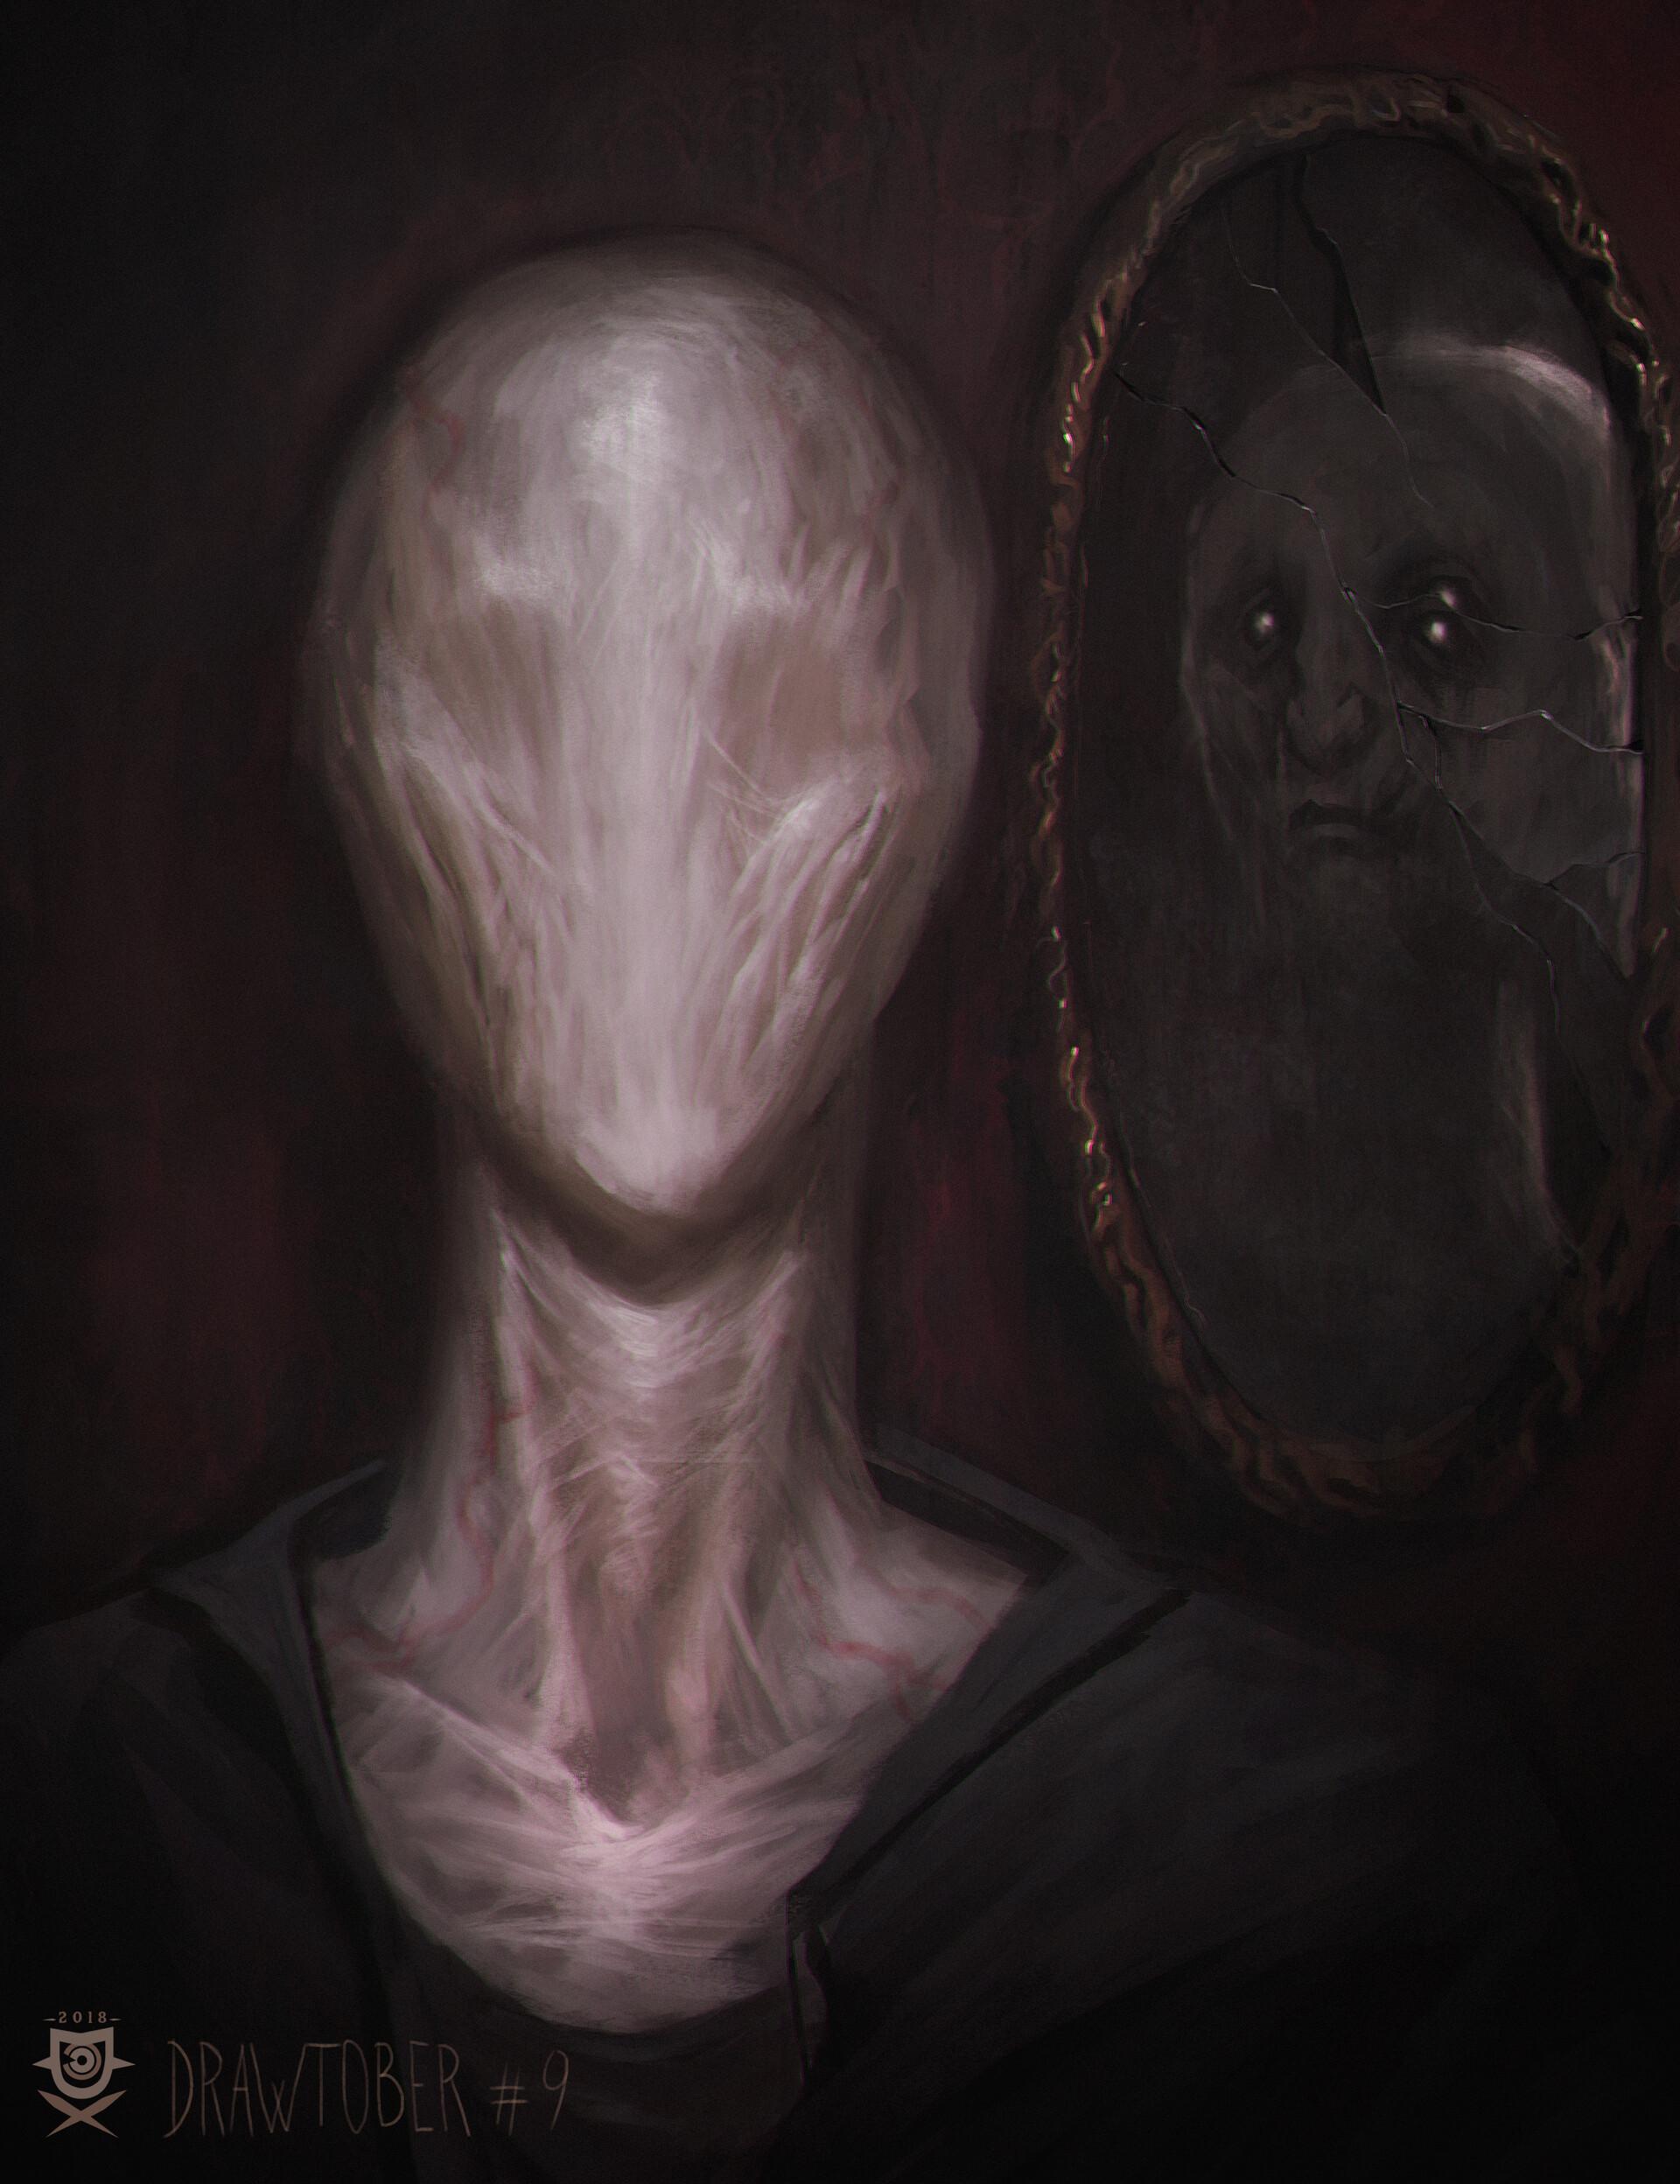 Thomas bourdon hidden face